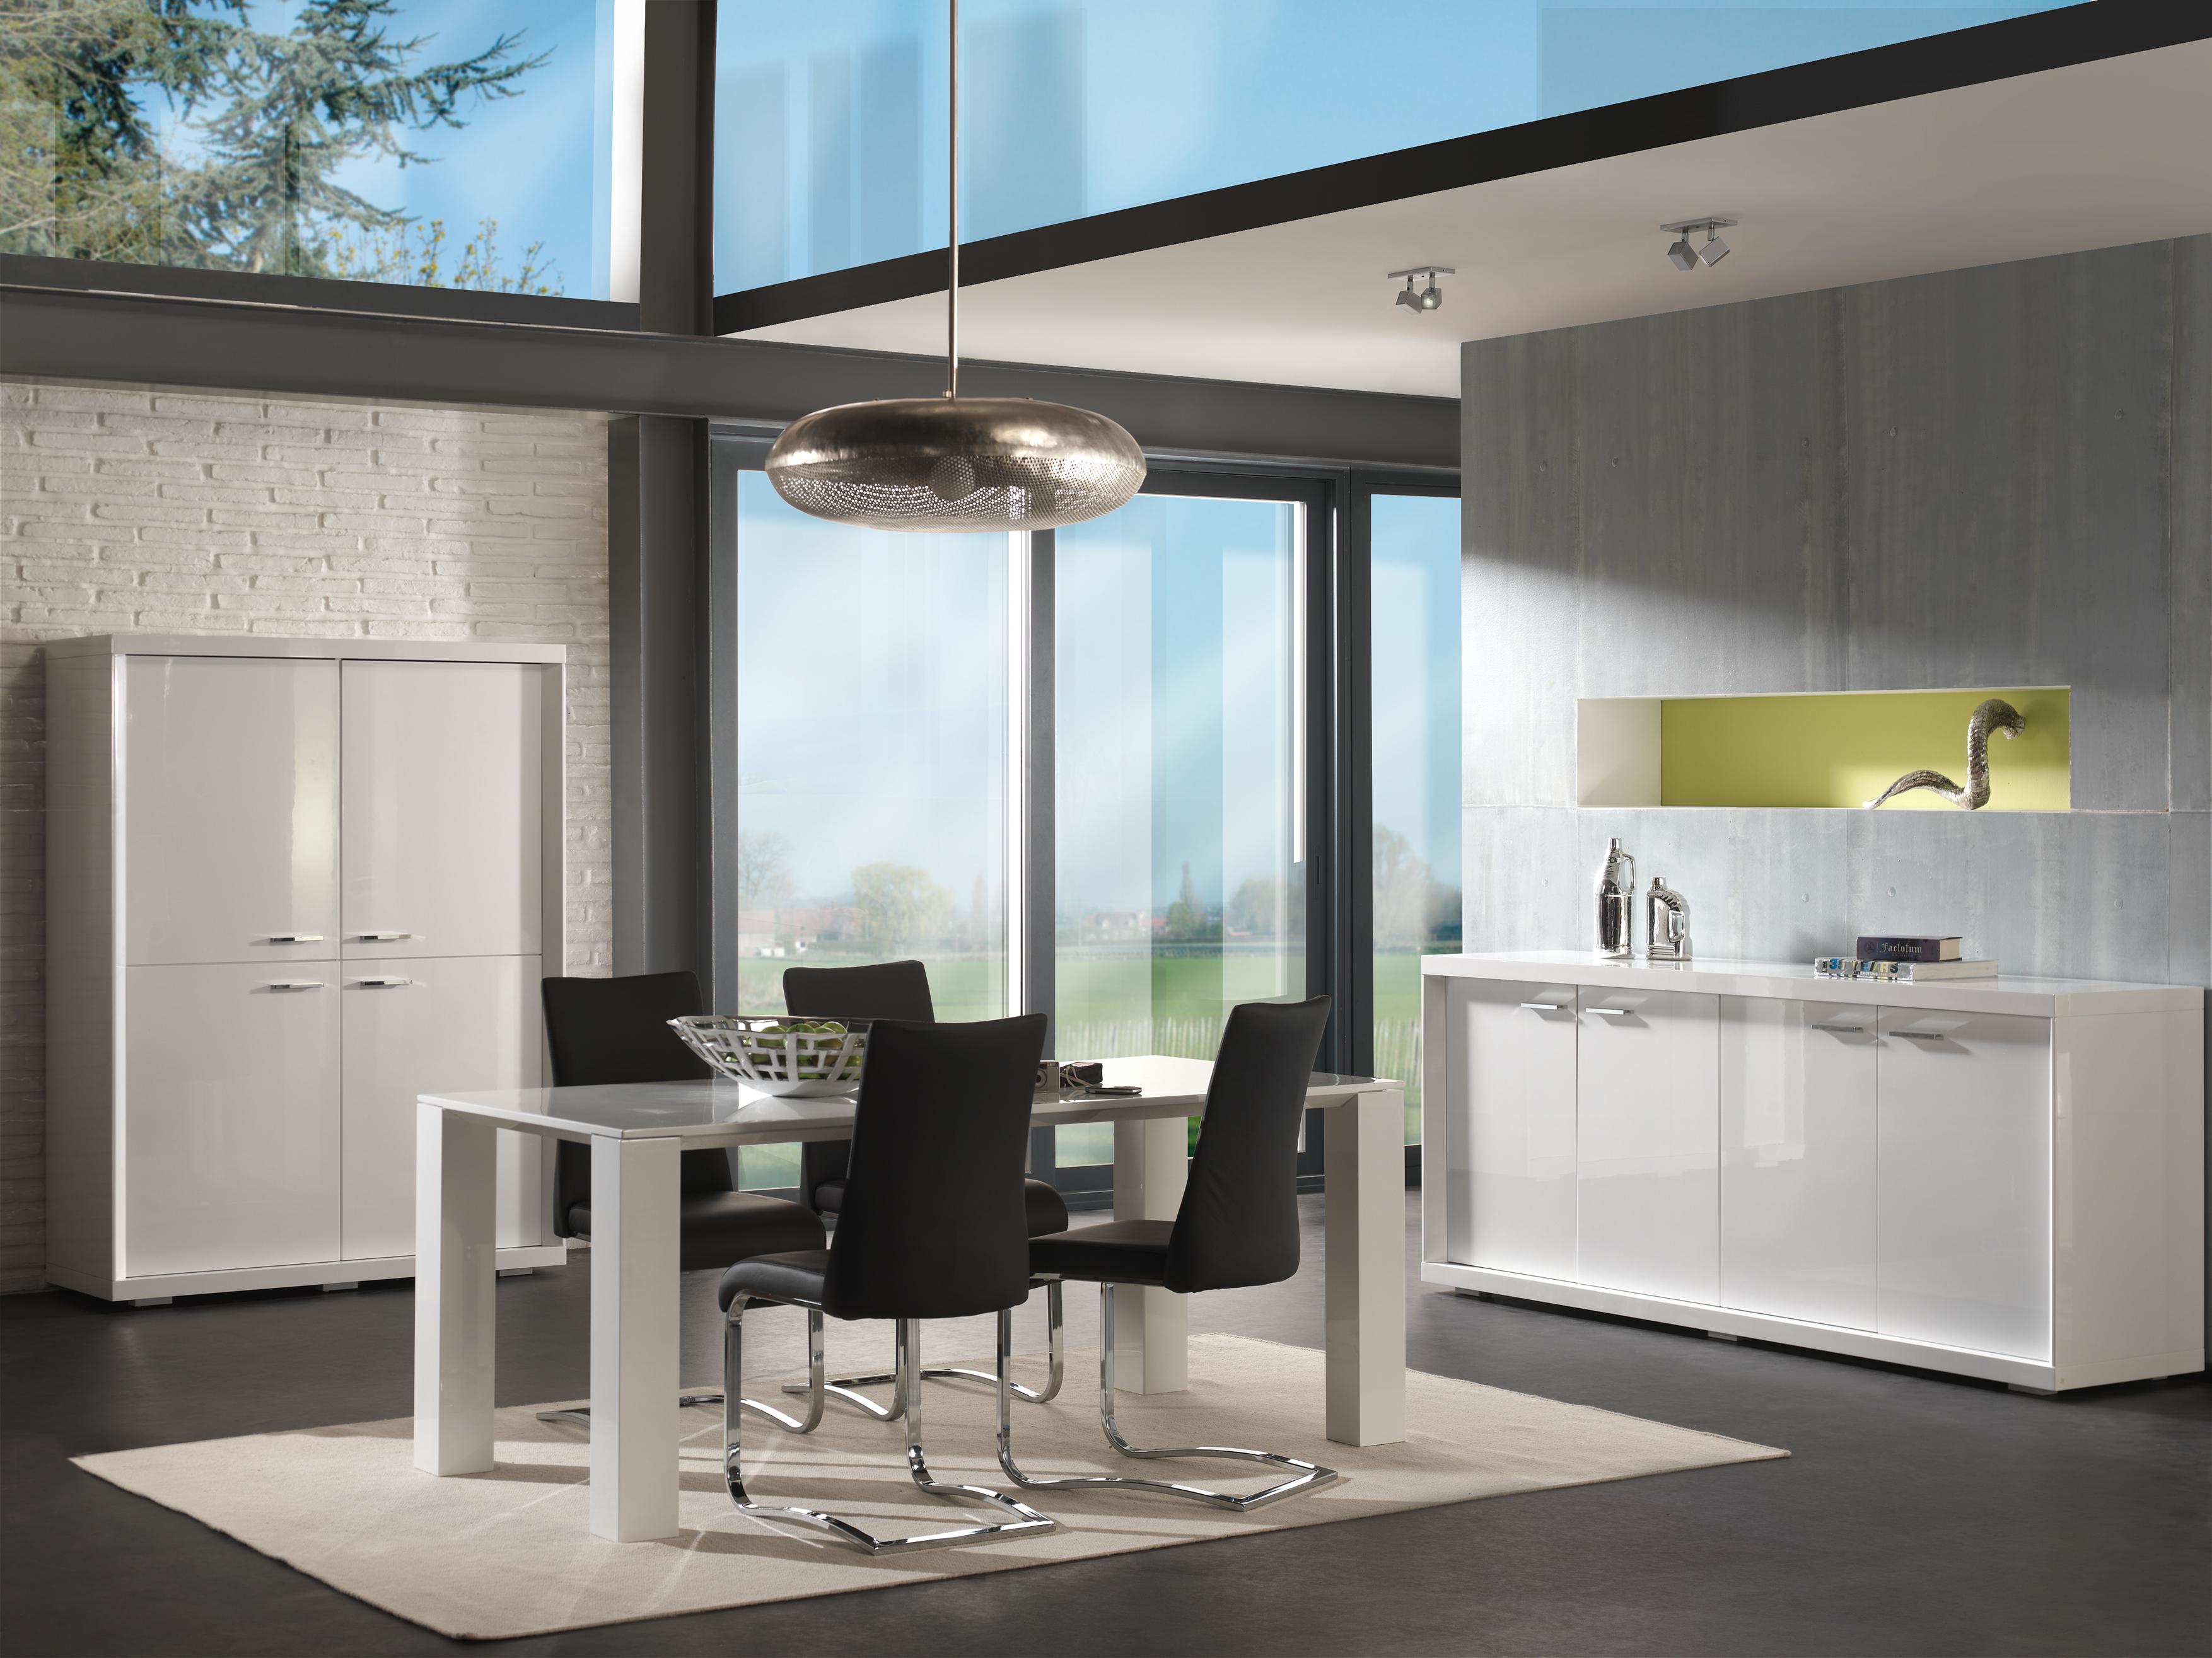 Eetkamer Wit Hoogglans : Eetkamer y kw meubelen joremeubelen jore